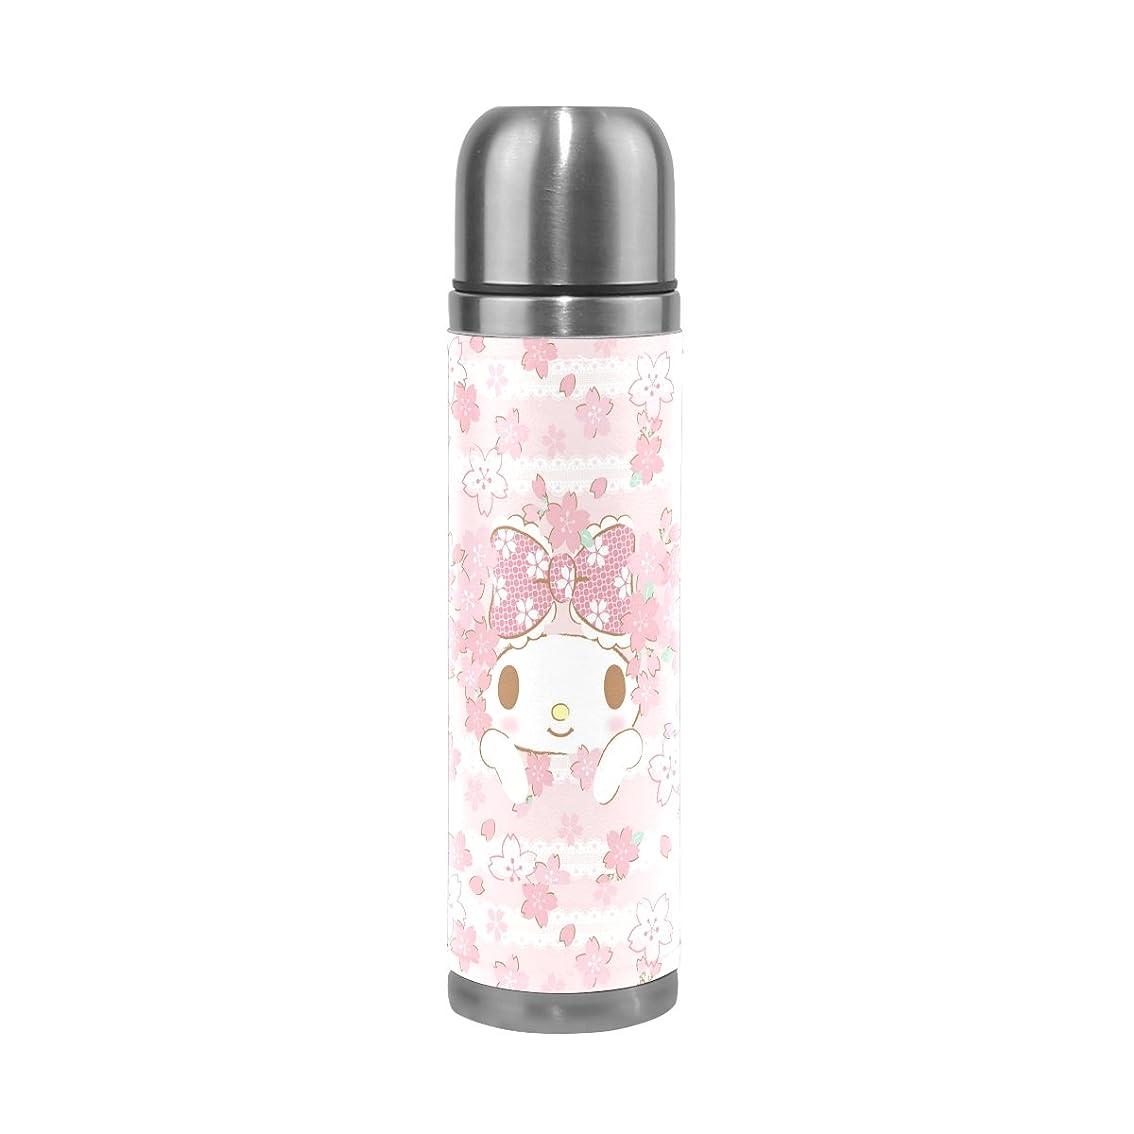 才能ラケットテーマAyuStyle 水筒 500ml 真空断熱 マイメロディ ウサギ メロディちゃん 直飲み 魔法瓶 保温 ステンレスボトル かわいい PU レザー 個性的 プリント おしゃれ 子供 女の子 ピンク